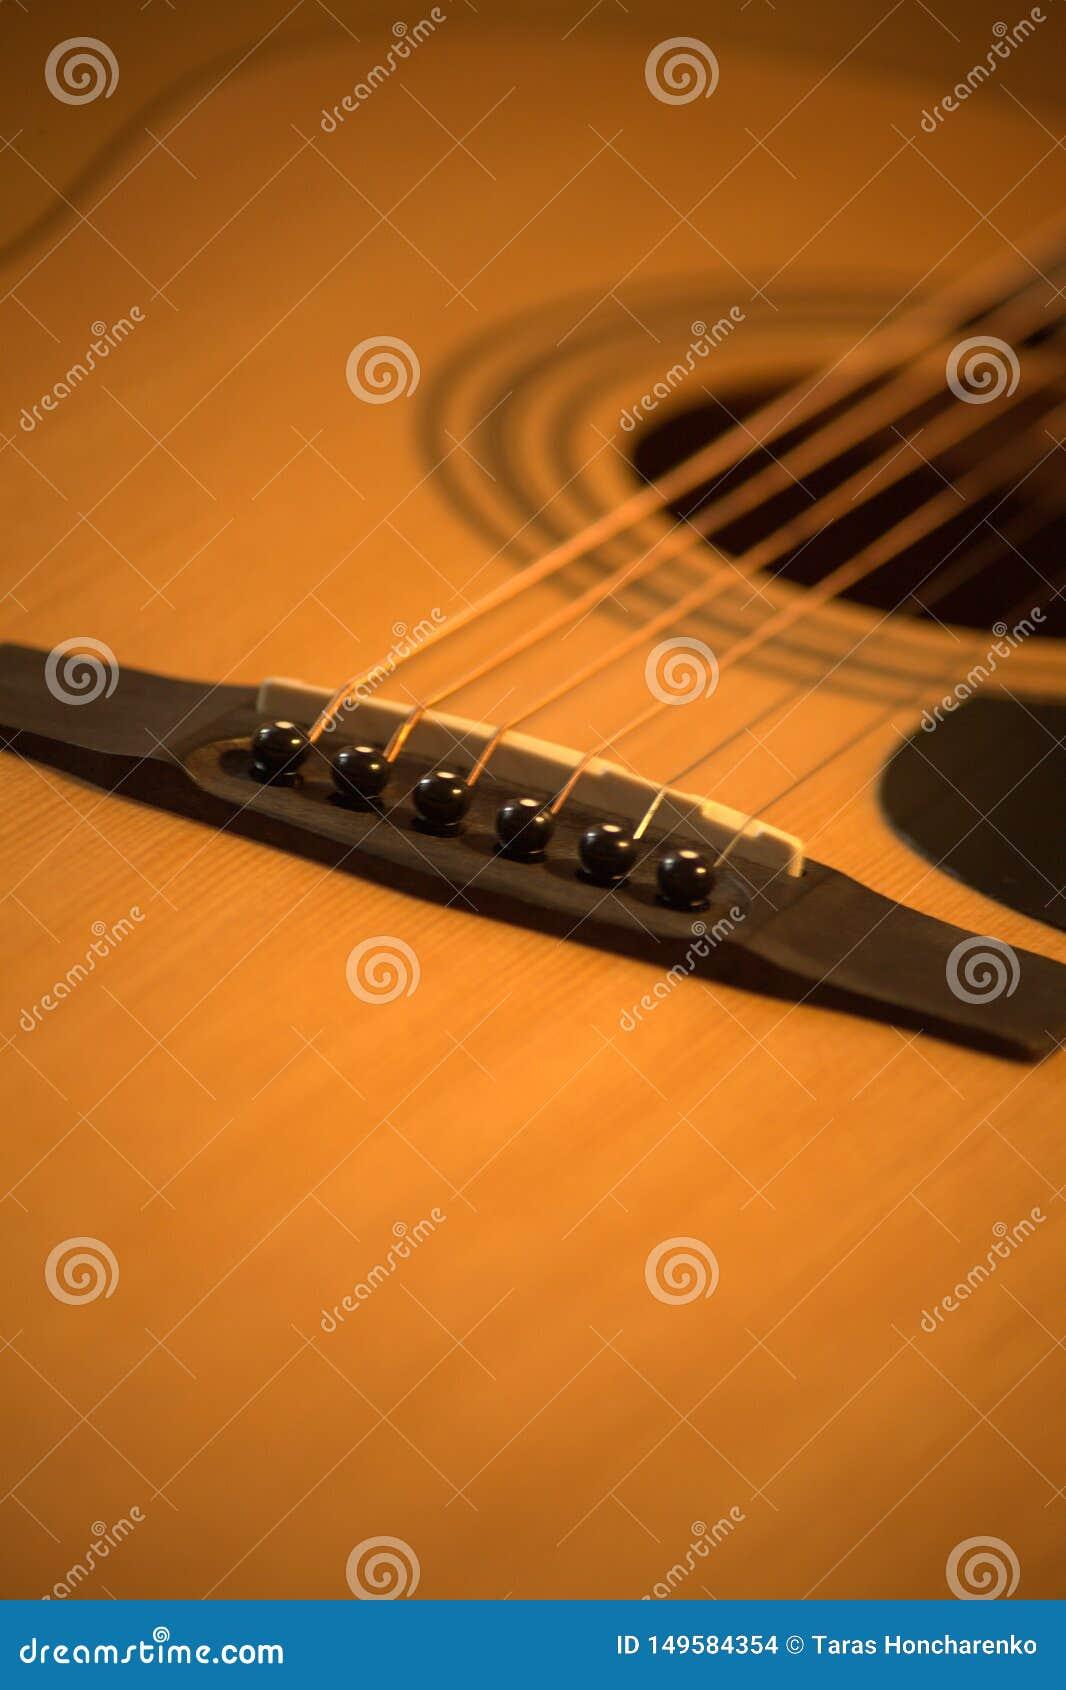 Acoustic guitar photo in cozy, warm tones